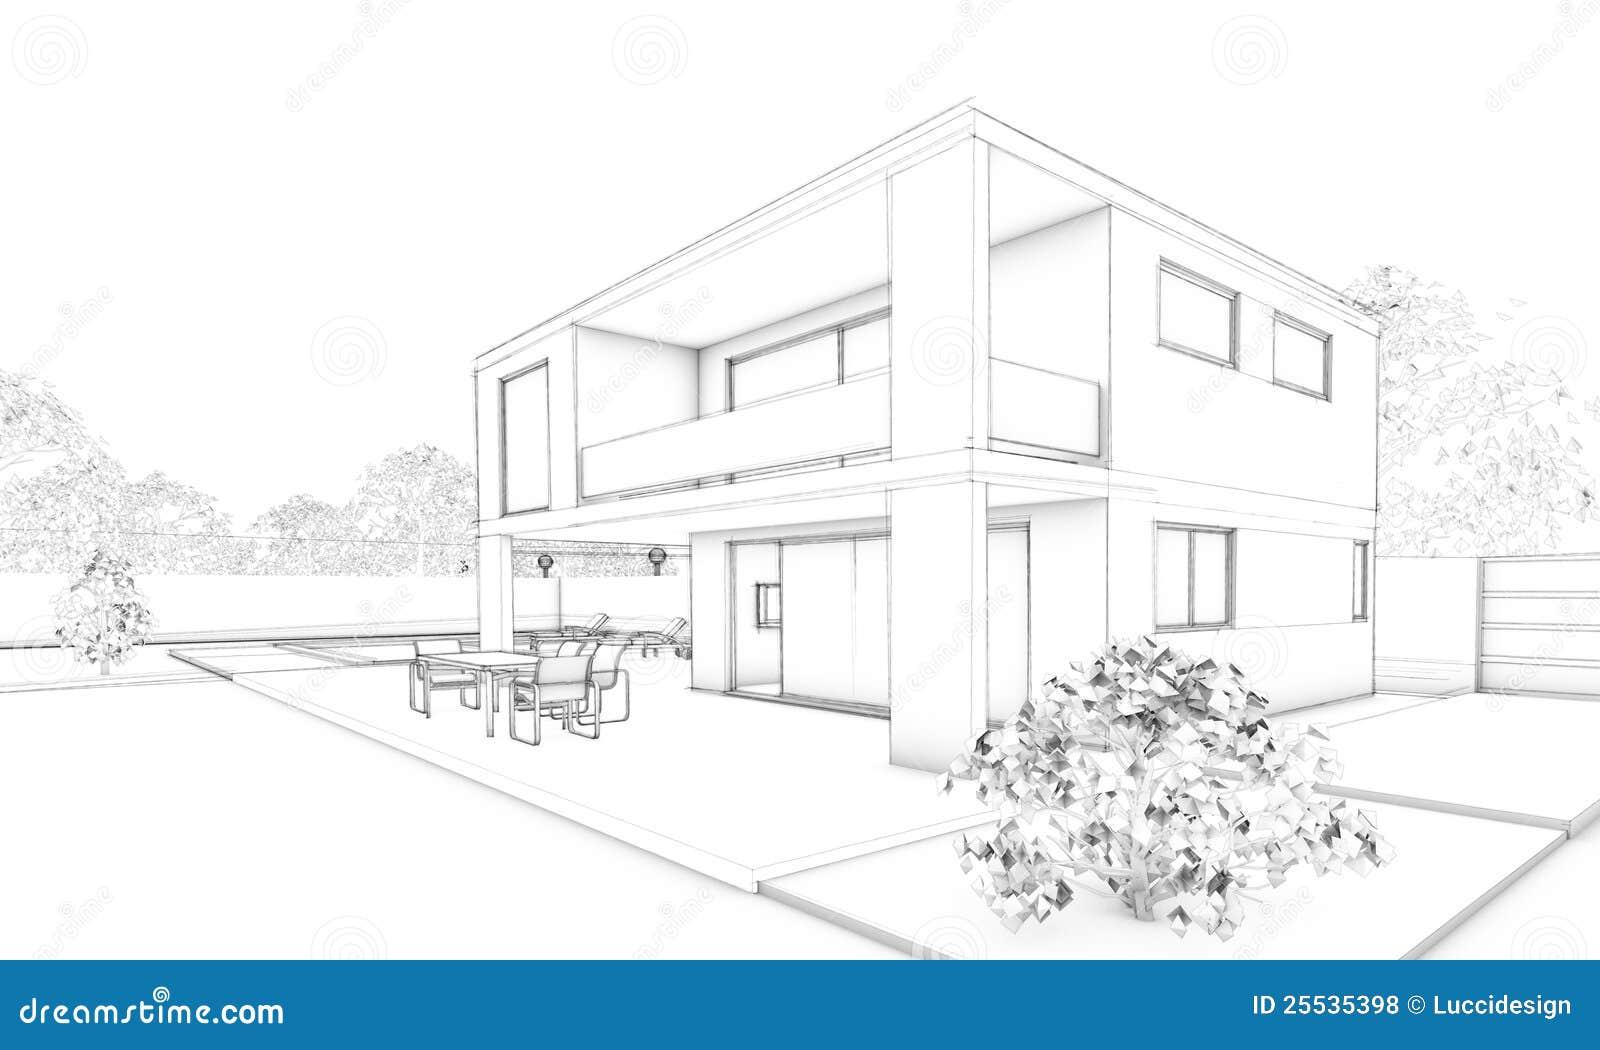 Bosquejo de la casa moderna chalet terraza y jard n for Casa moderna vector